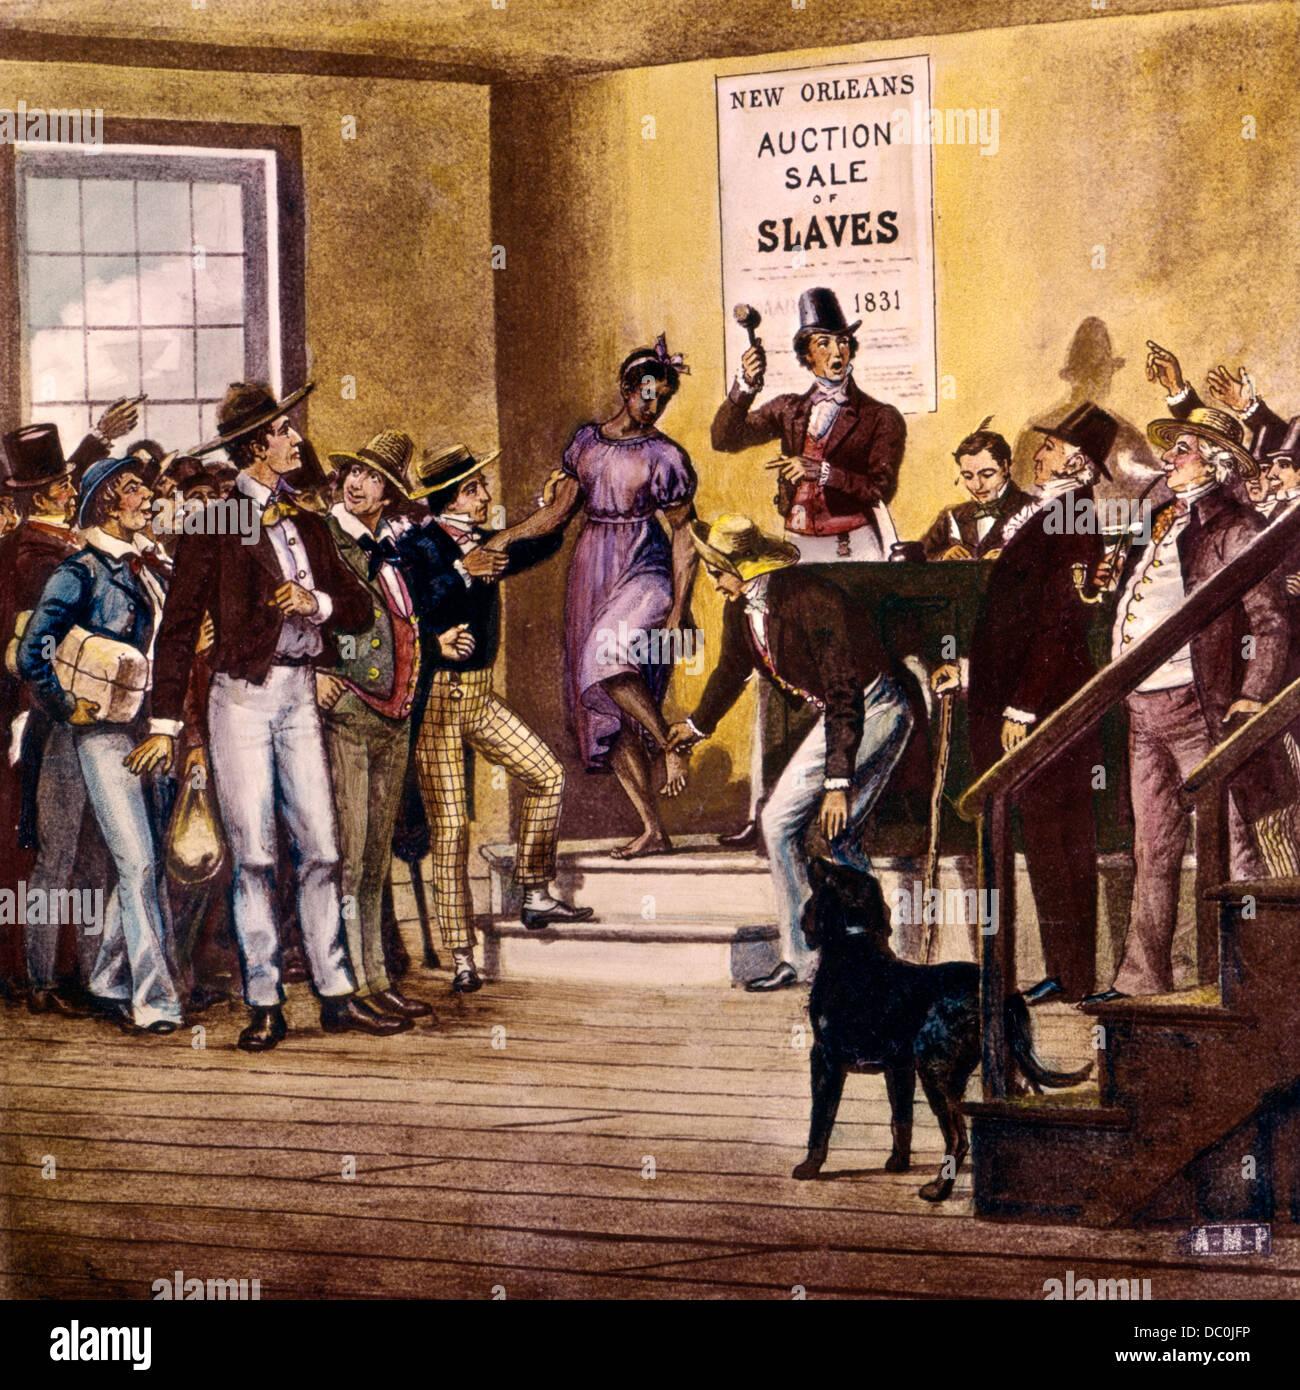 Années 1830 1831 ABRAHAM LINCOLN L'OBSERVATION DE LA NOUVELLE ORLÉANS marché aux esclaves EN VENTE AUX ENCHÈRES Banque D'Images